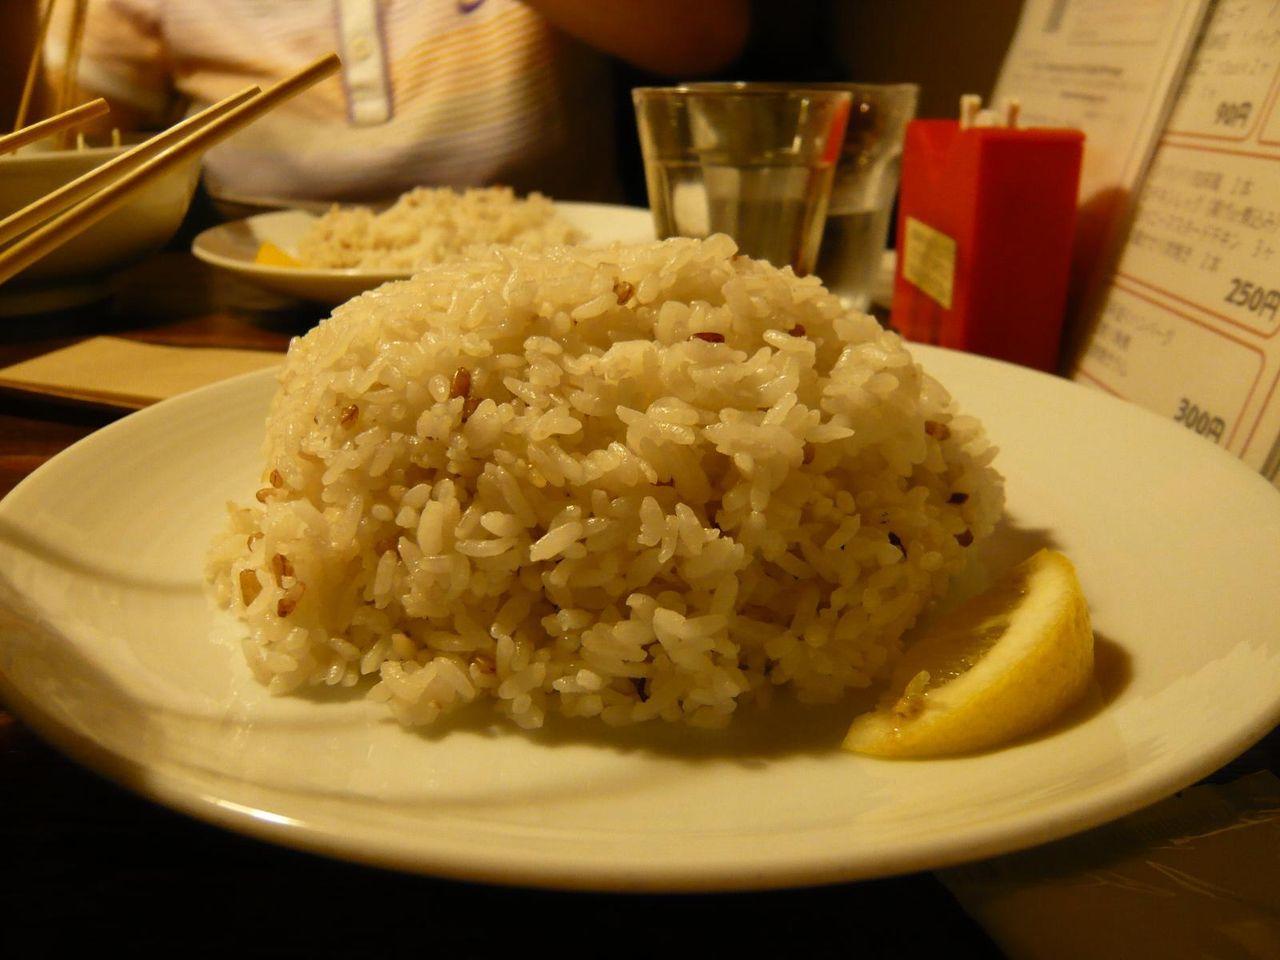 赤米を混ぜたライスは、スープカレーによく合います!